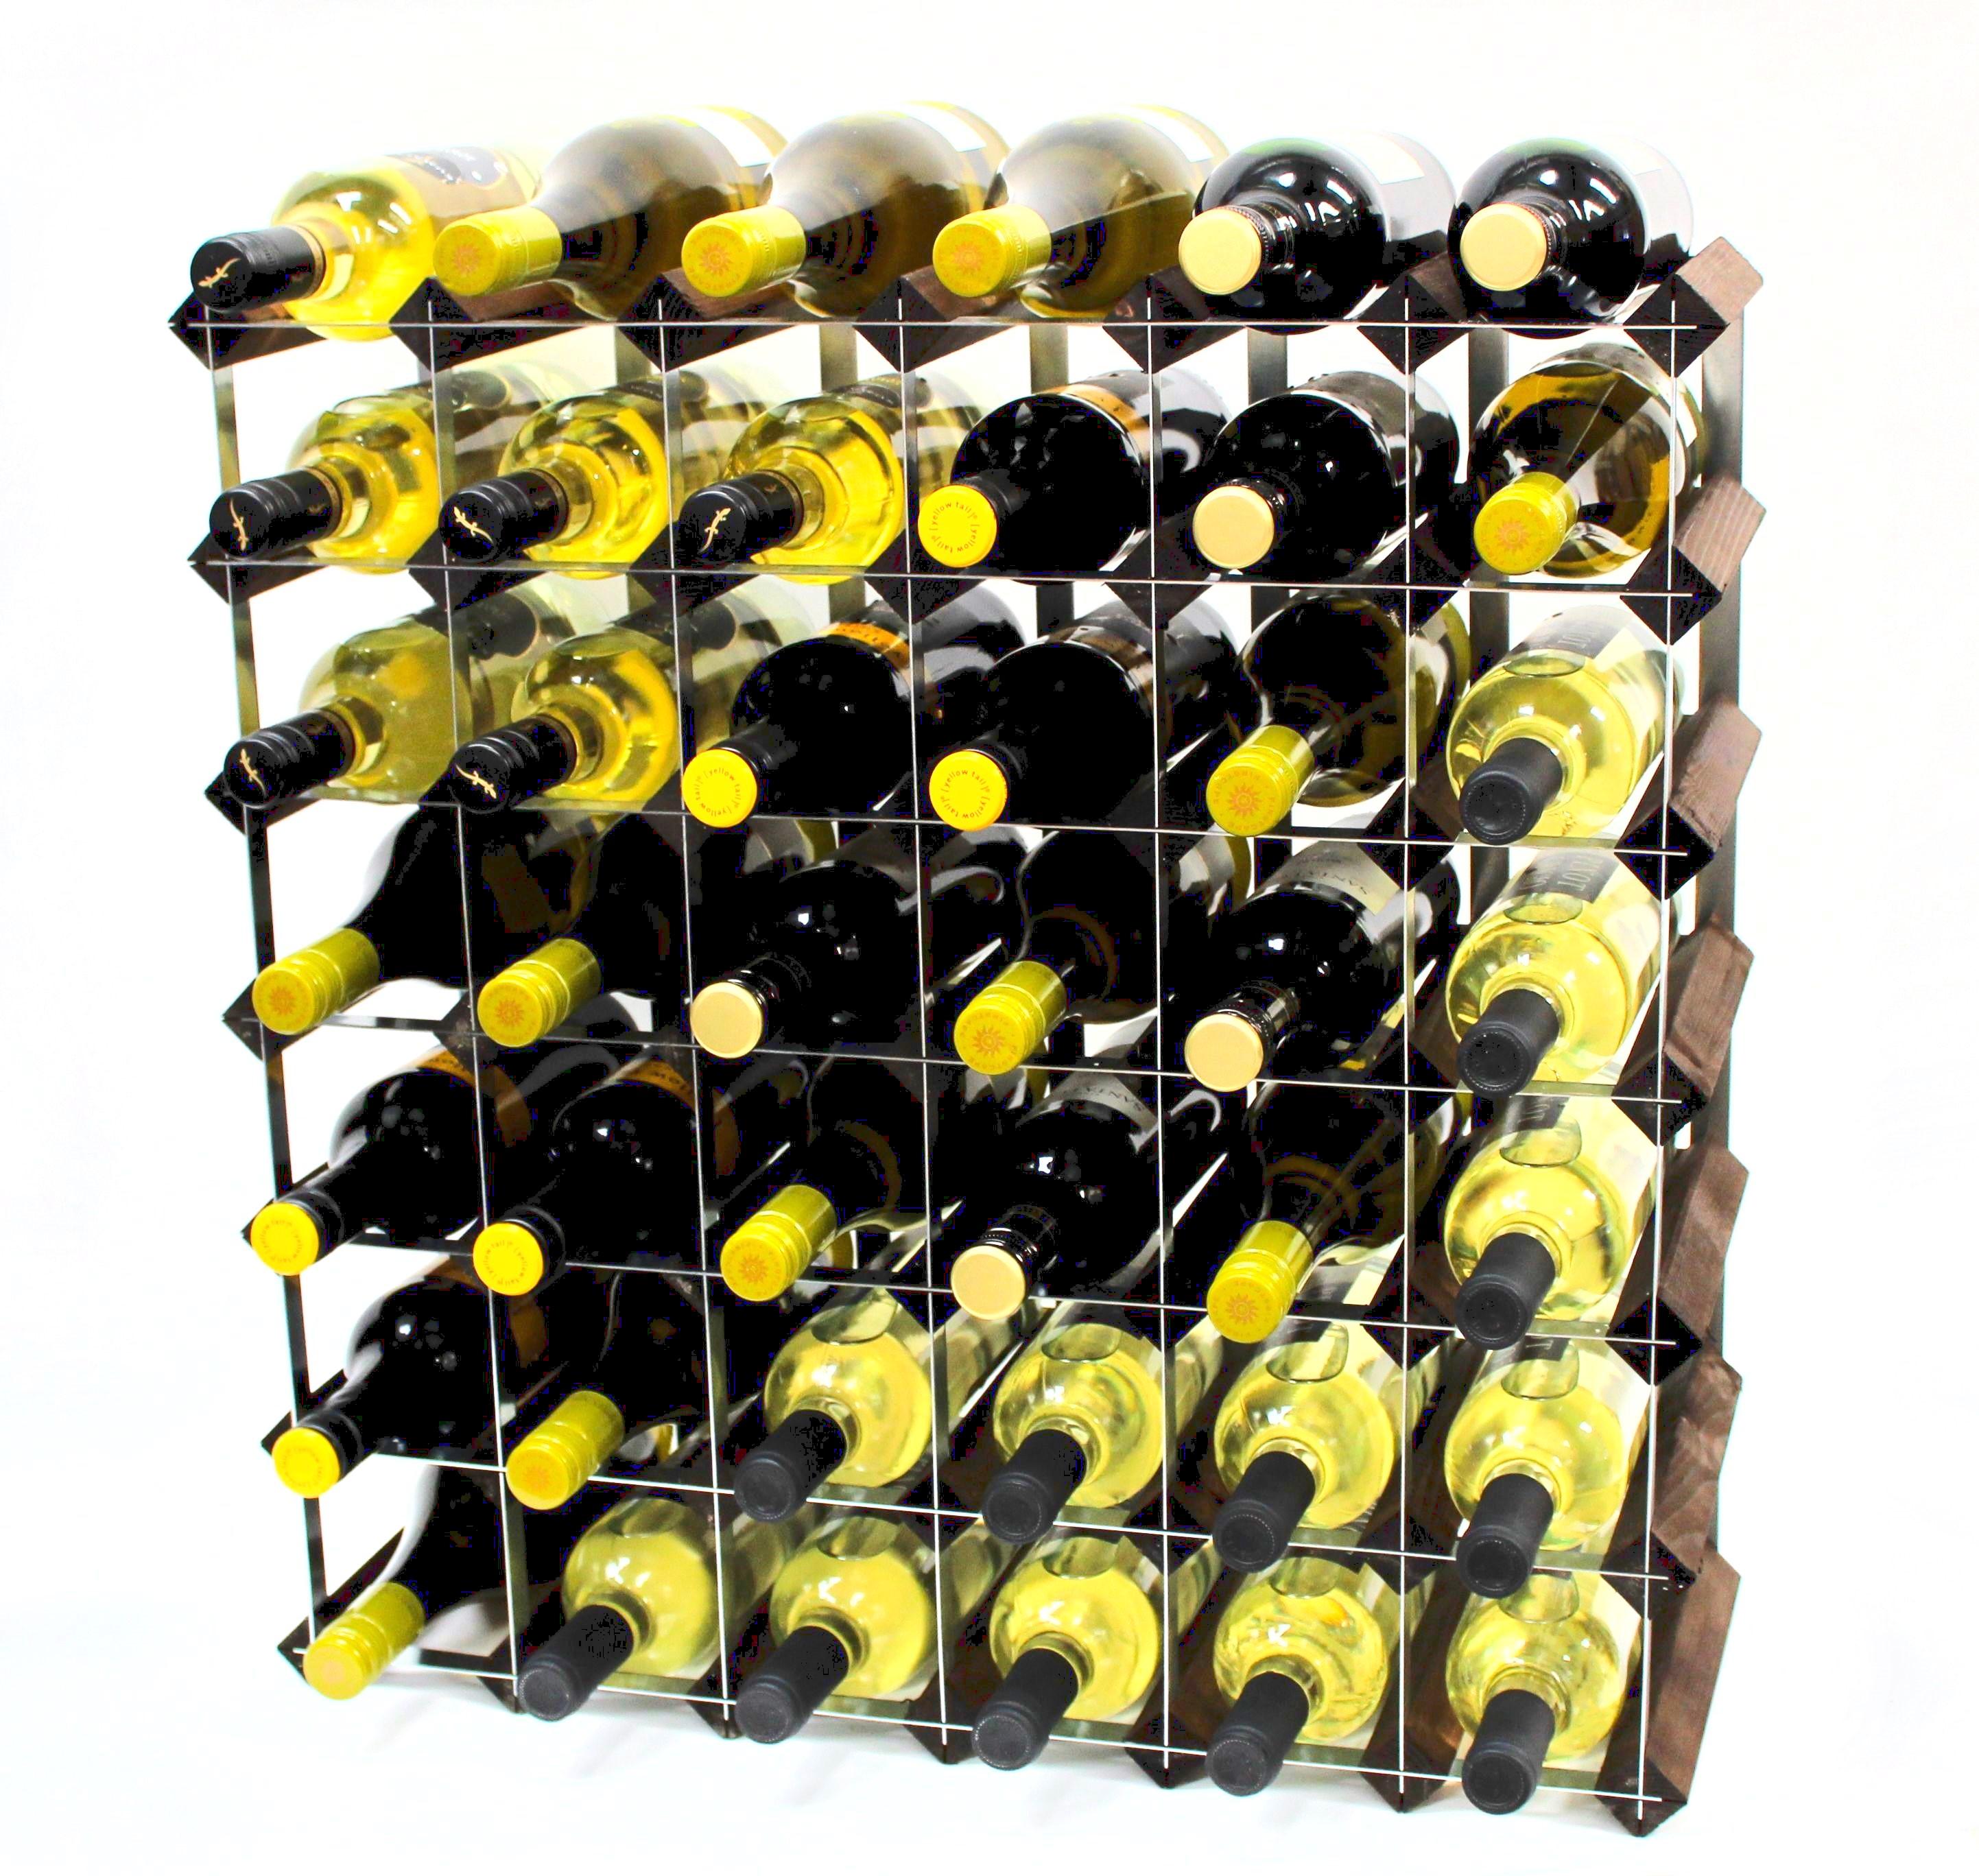 cranville 42 flasche dunkle eiche buntglas holz und metall weinregal 5060247930725 ebay. Black Bedroom Furniture Sets. Home Design Ideas